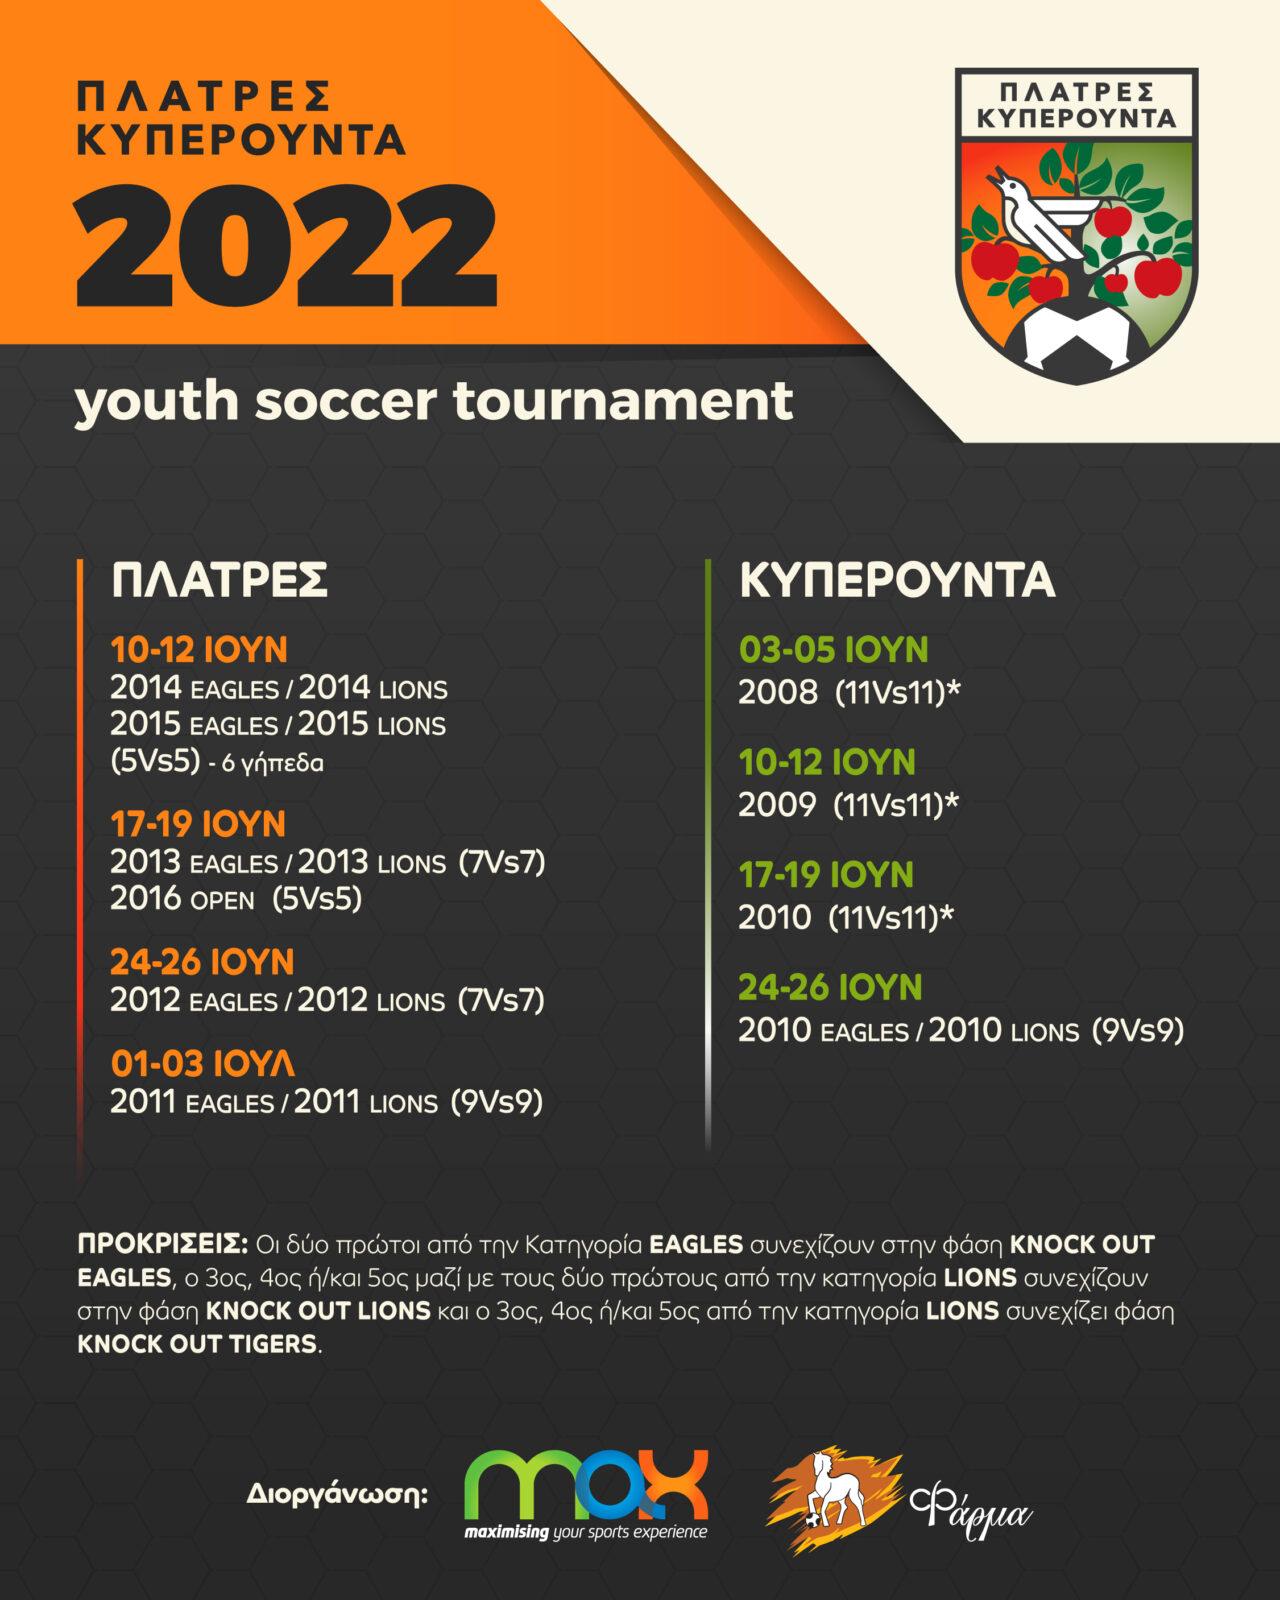 Platres-Kyperounta-2022-Programma-GR-1-1280x1600.jpg